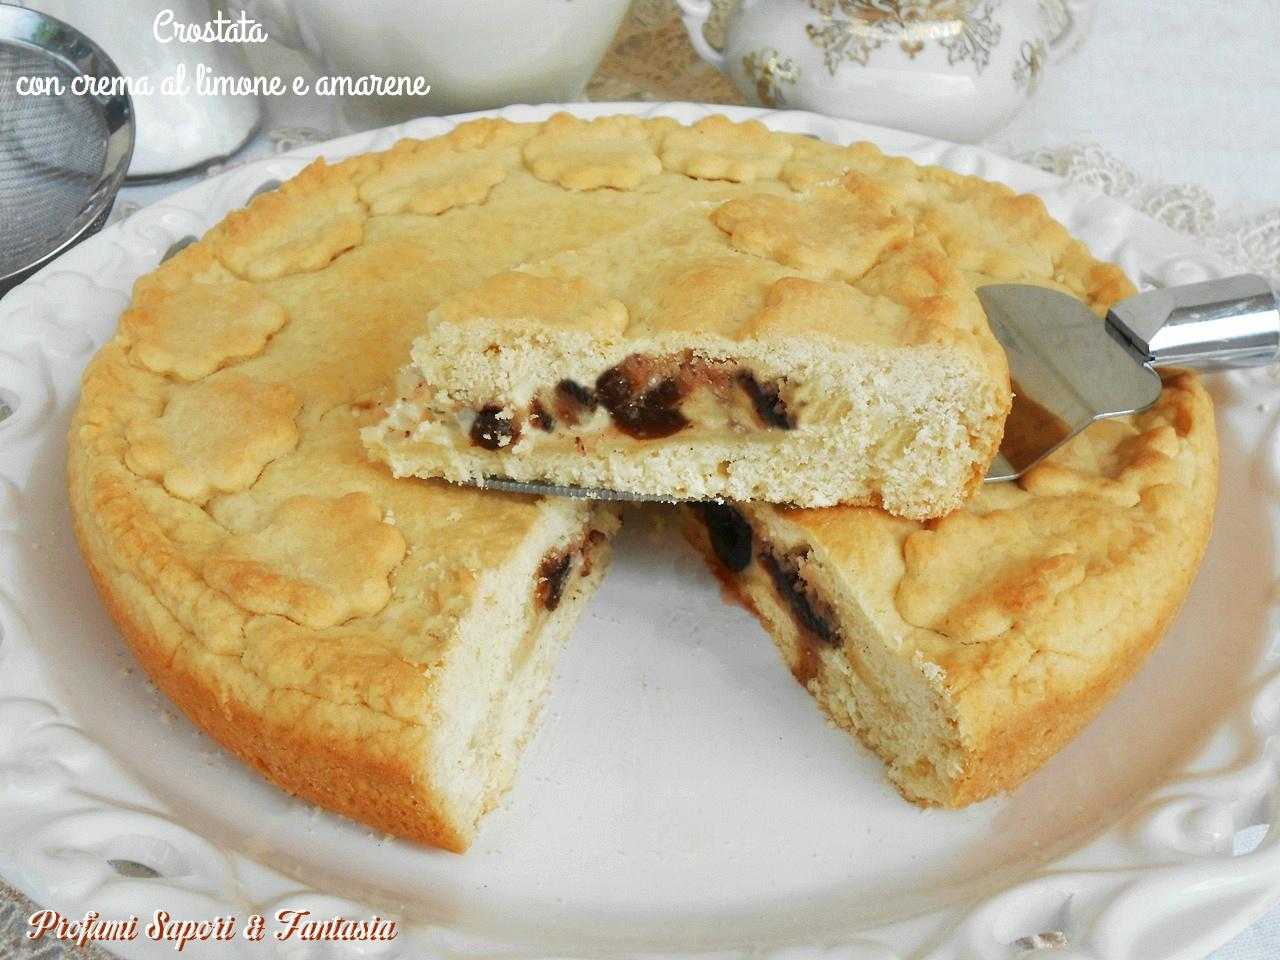 Crostata con crema al limone e amarene